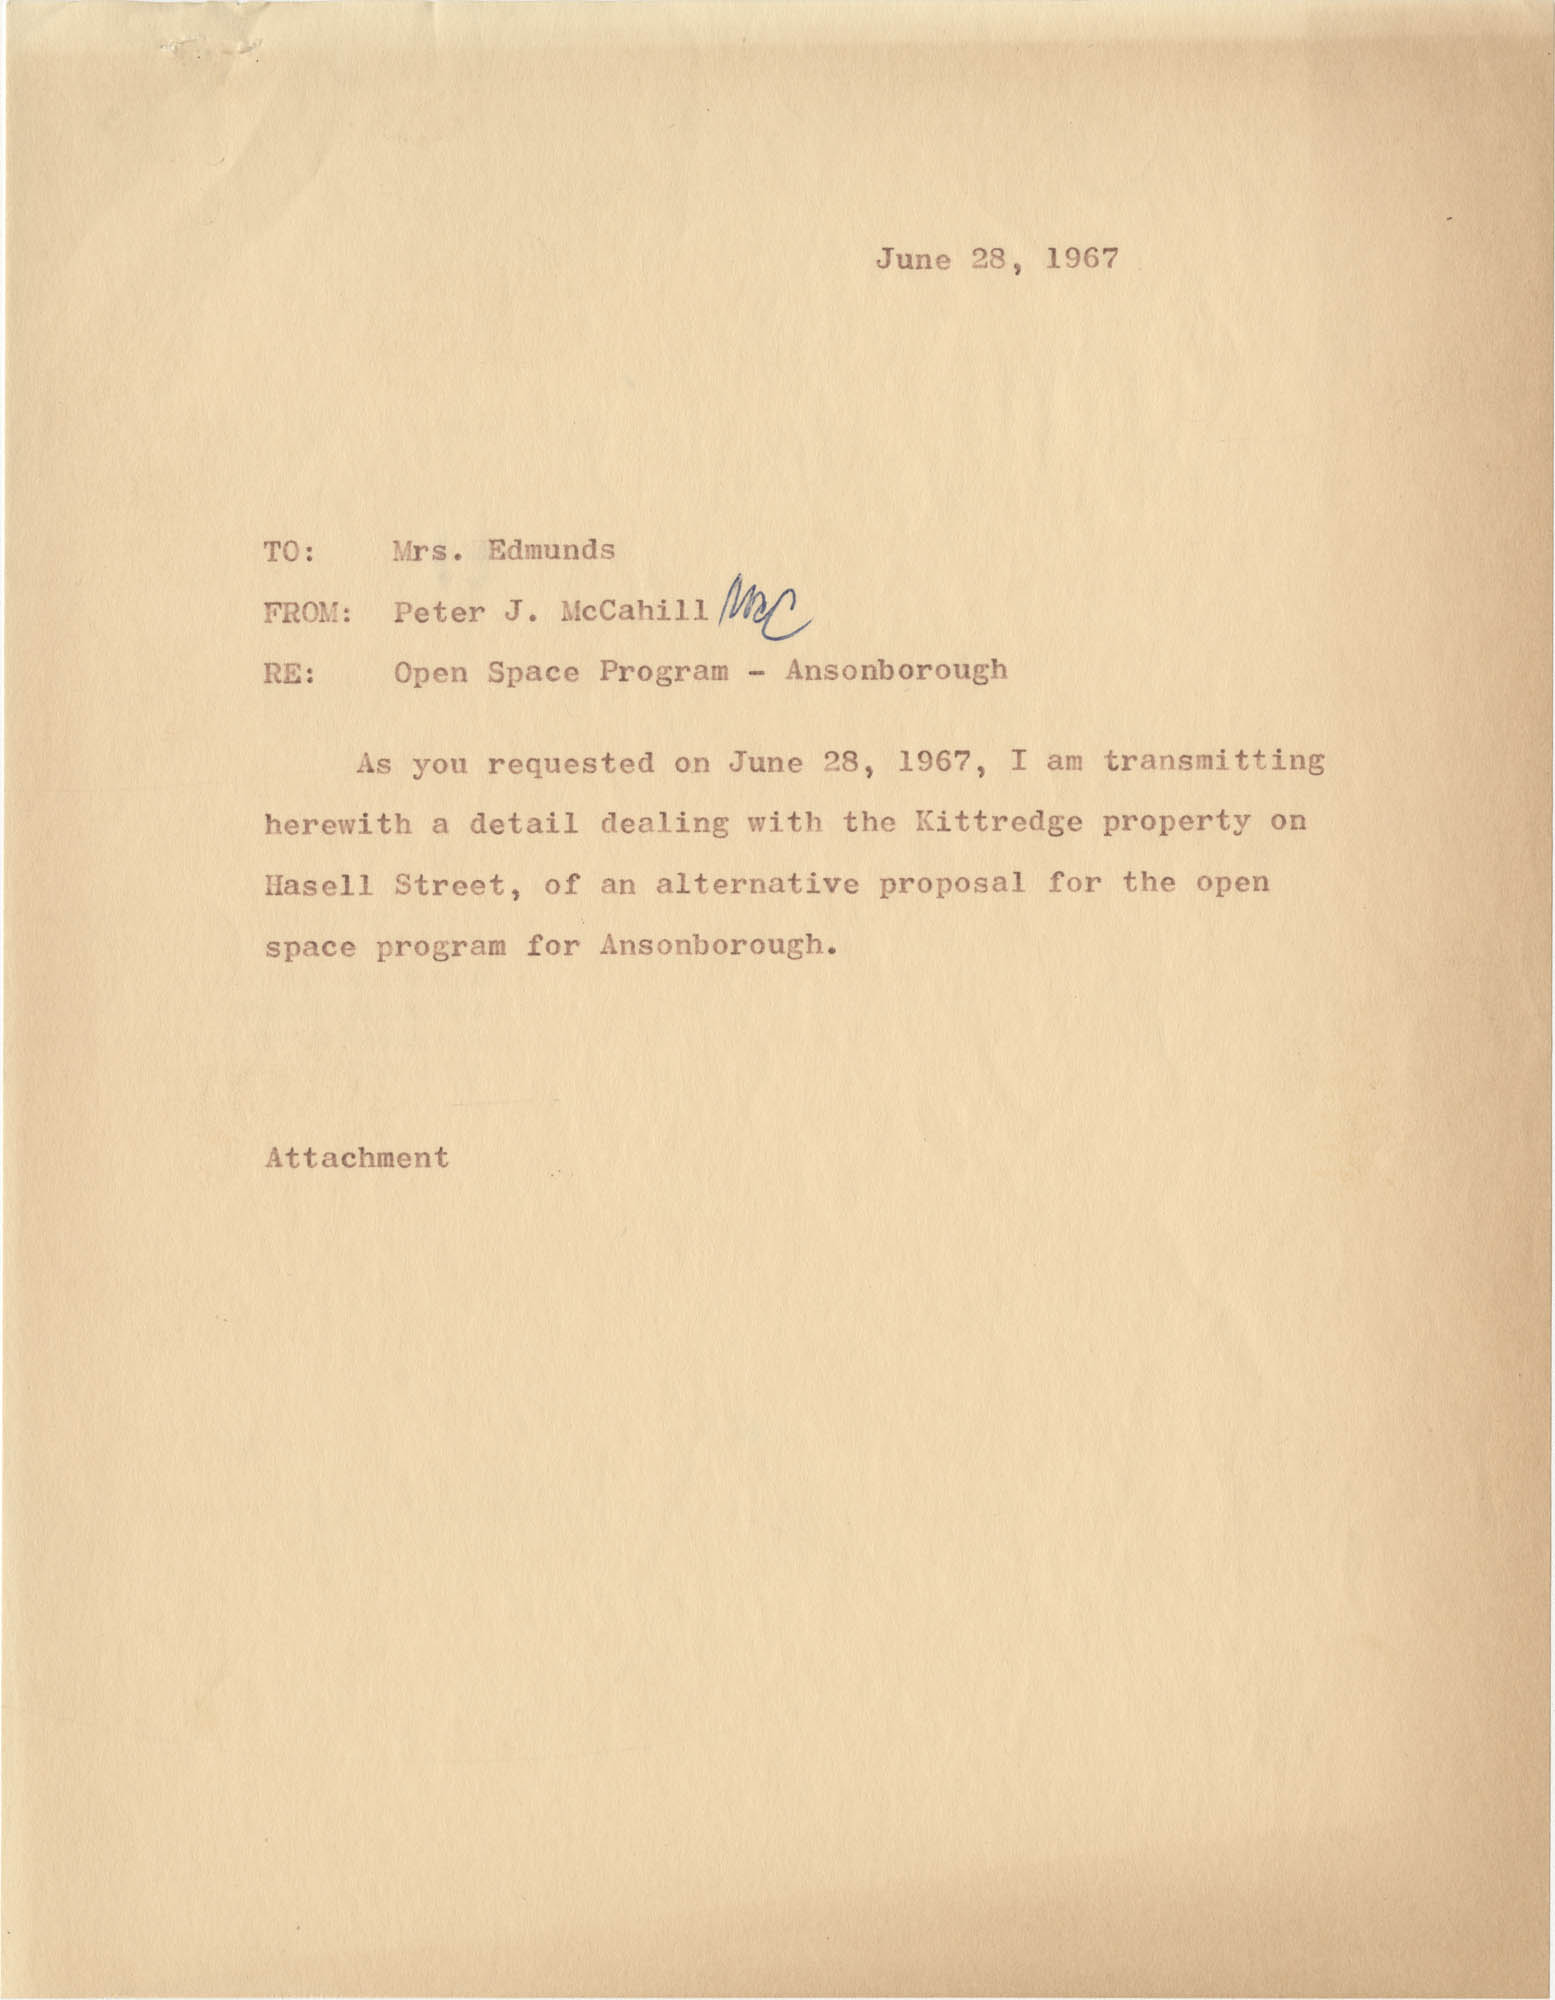 Memorandum from Peter J. McCahill to Mrs. Edmunds